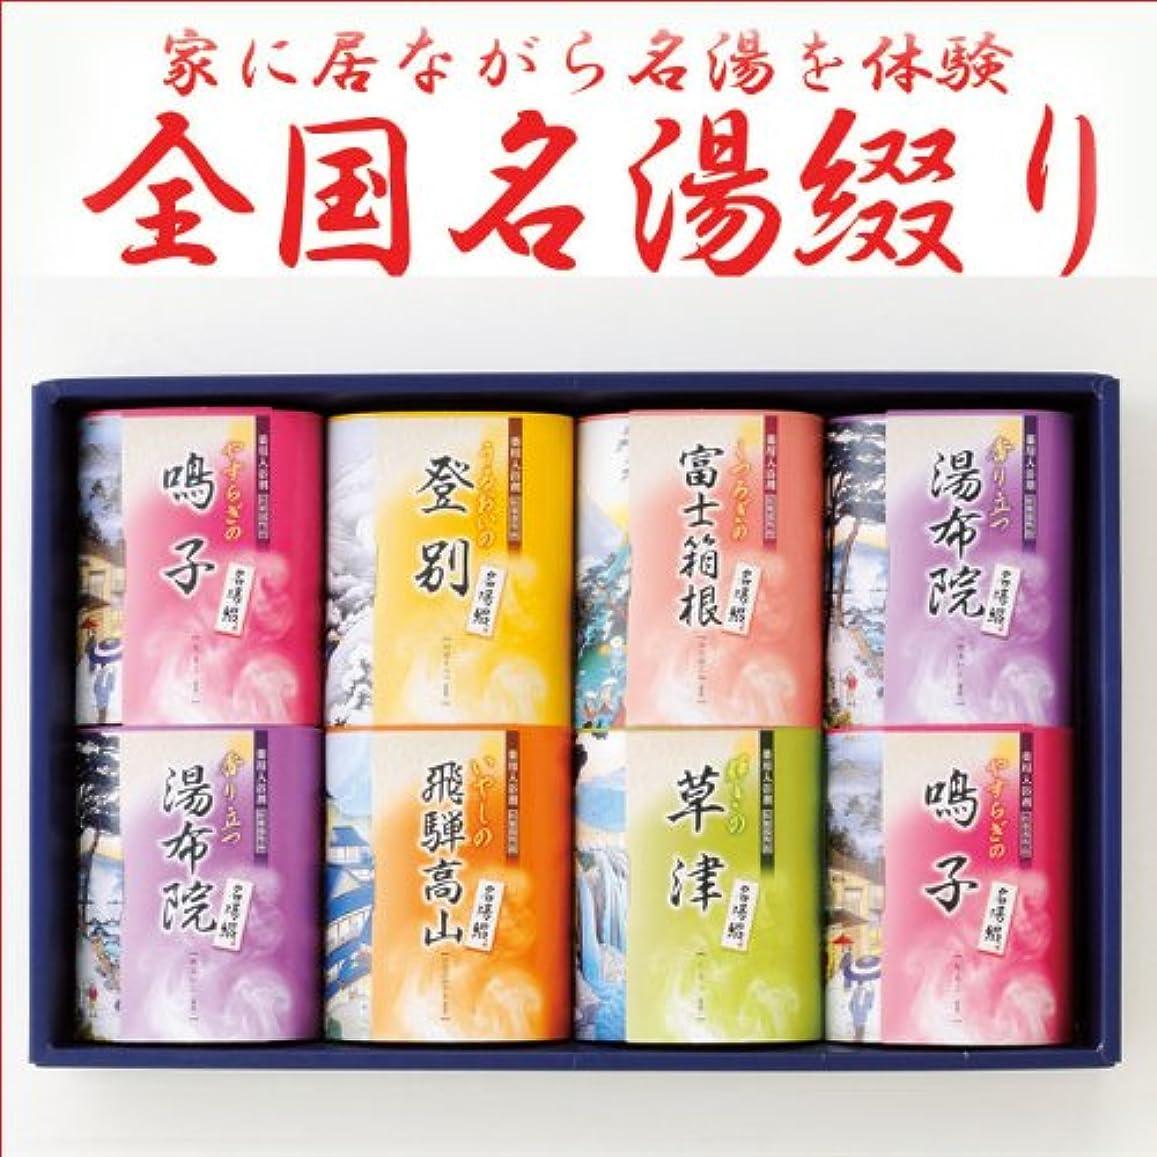 軽く巡礼者速報日本全国名湯の温泉巡り入浴剤ギフトセット